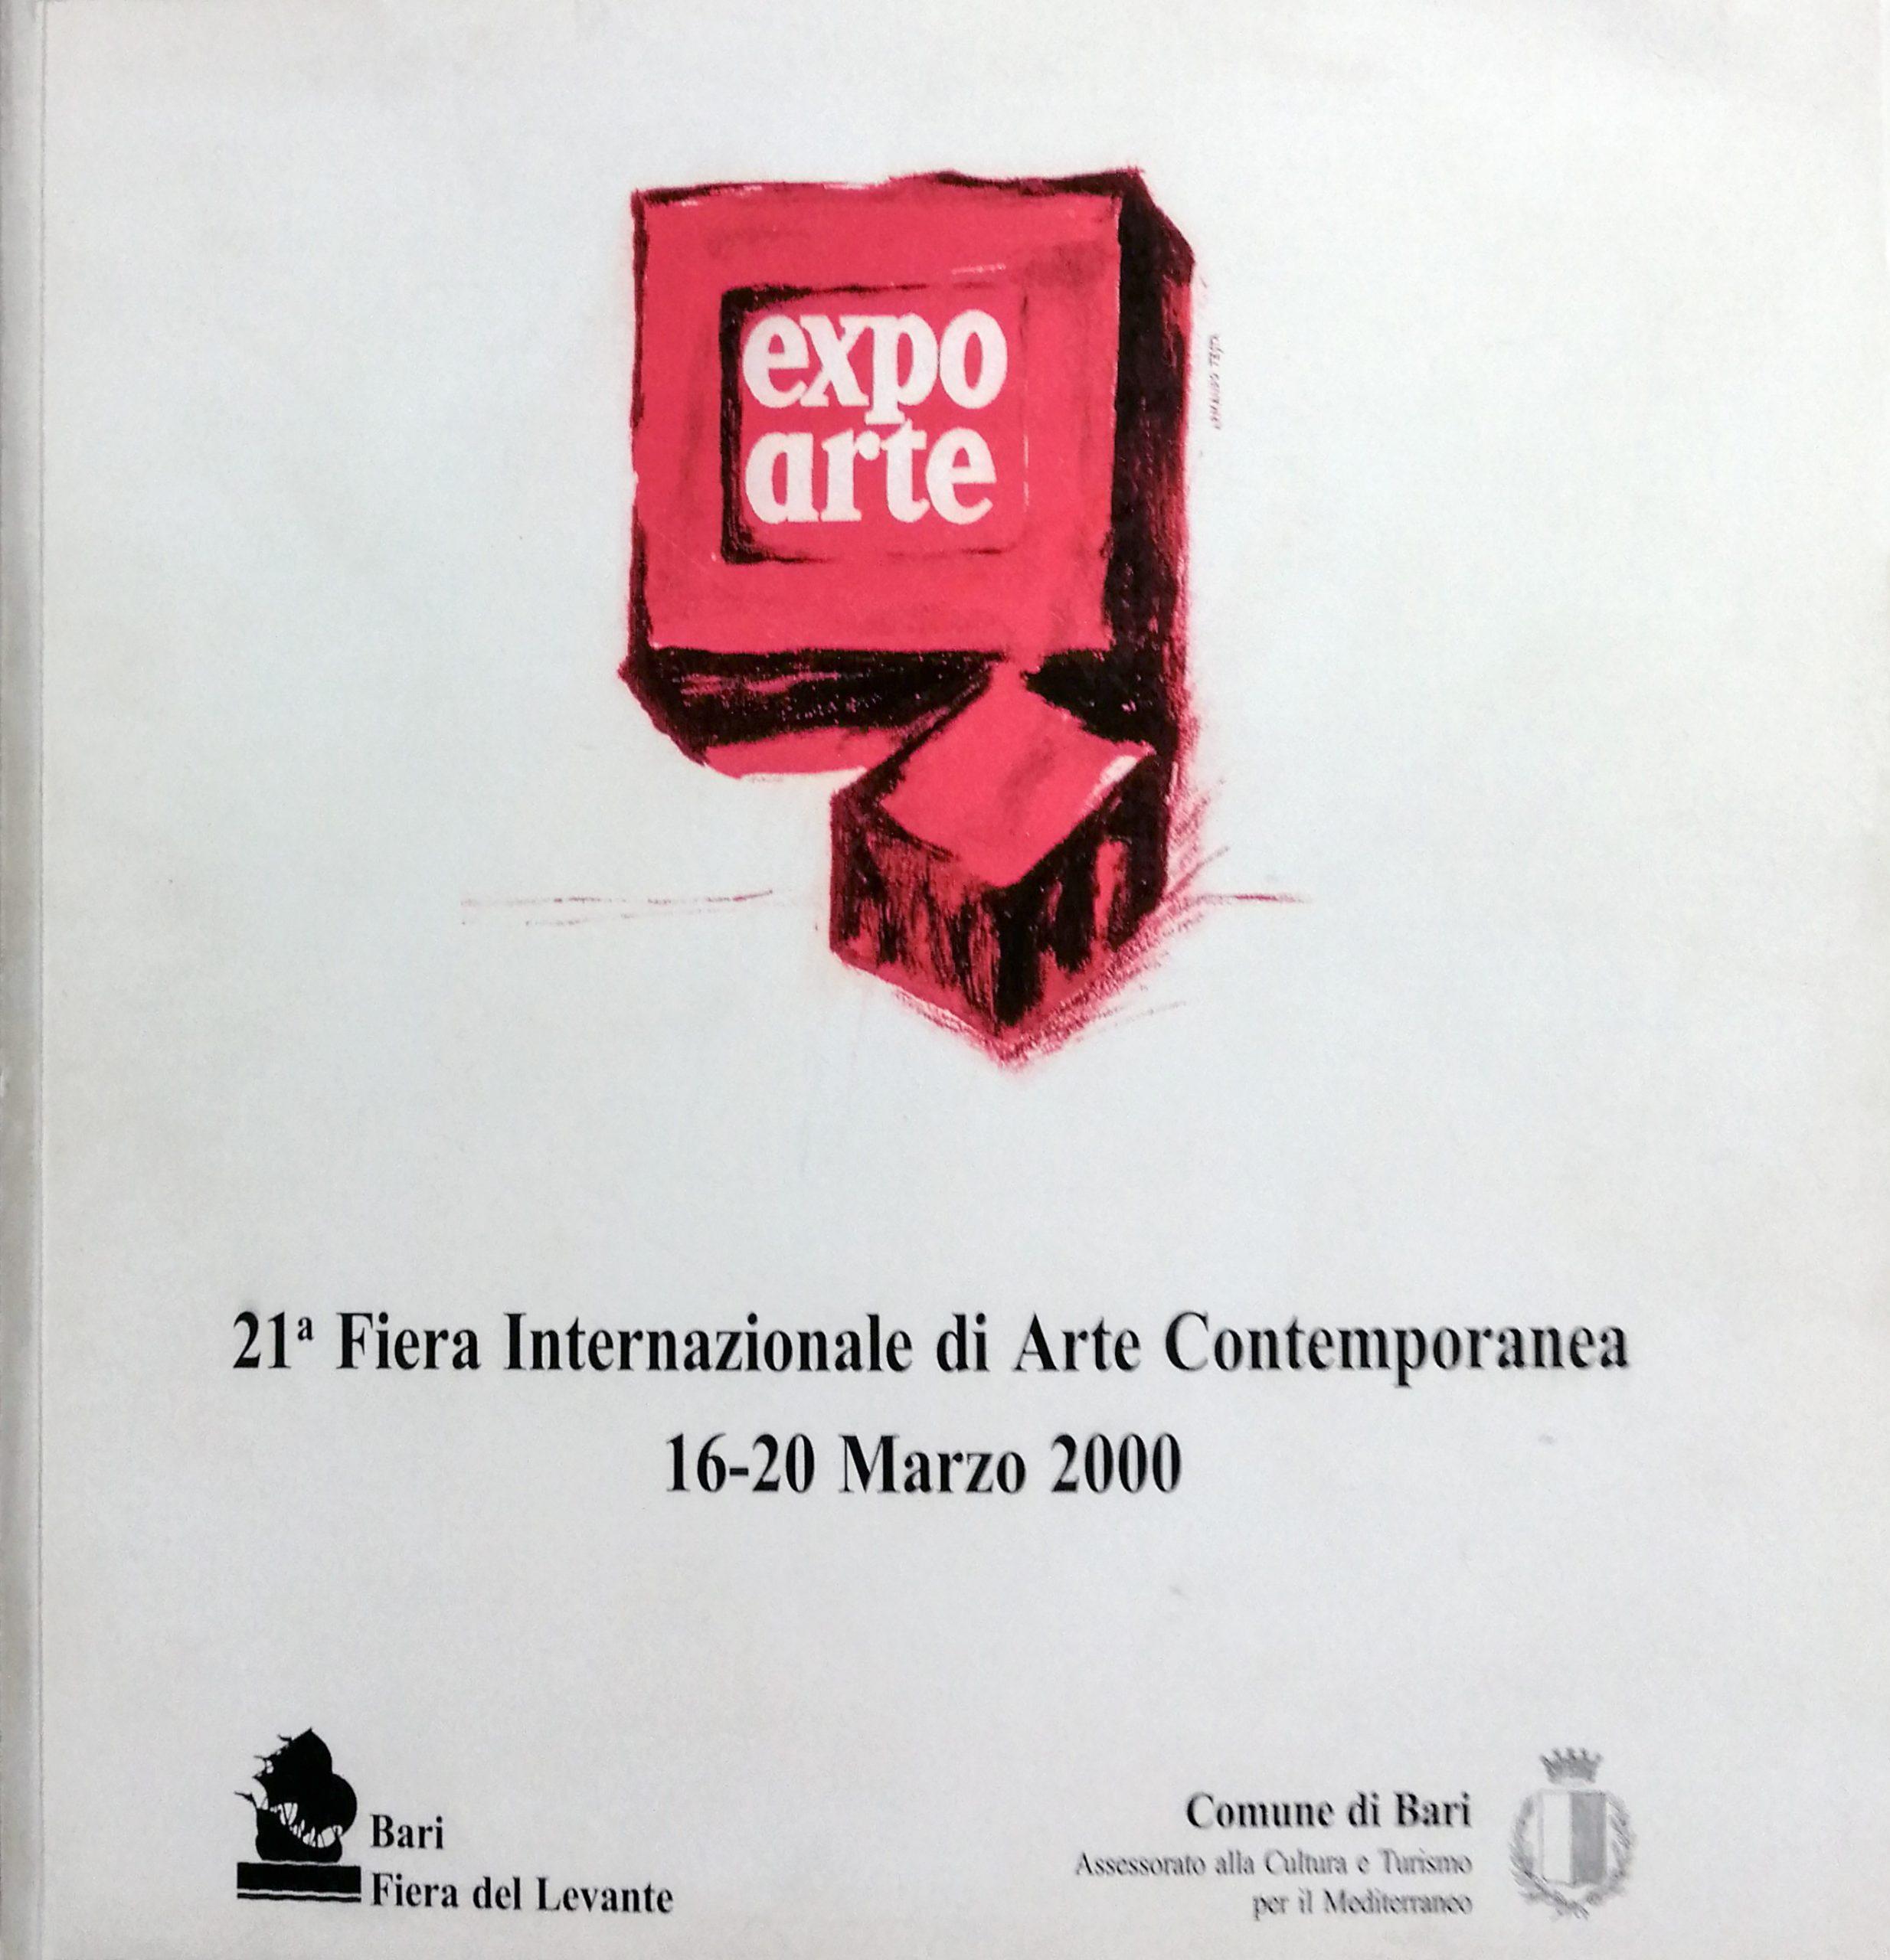 2000 Expo Arte Fiera del Levante Bari scaled - Bibliography/ Catalogues